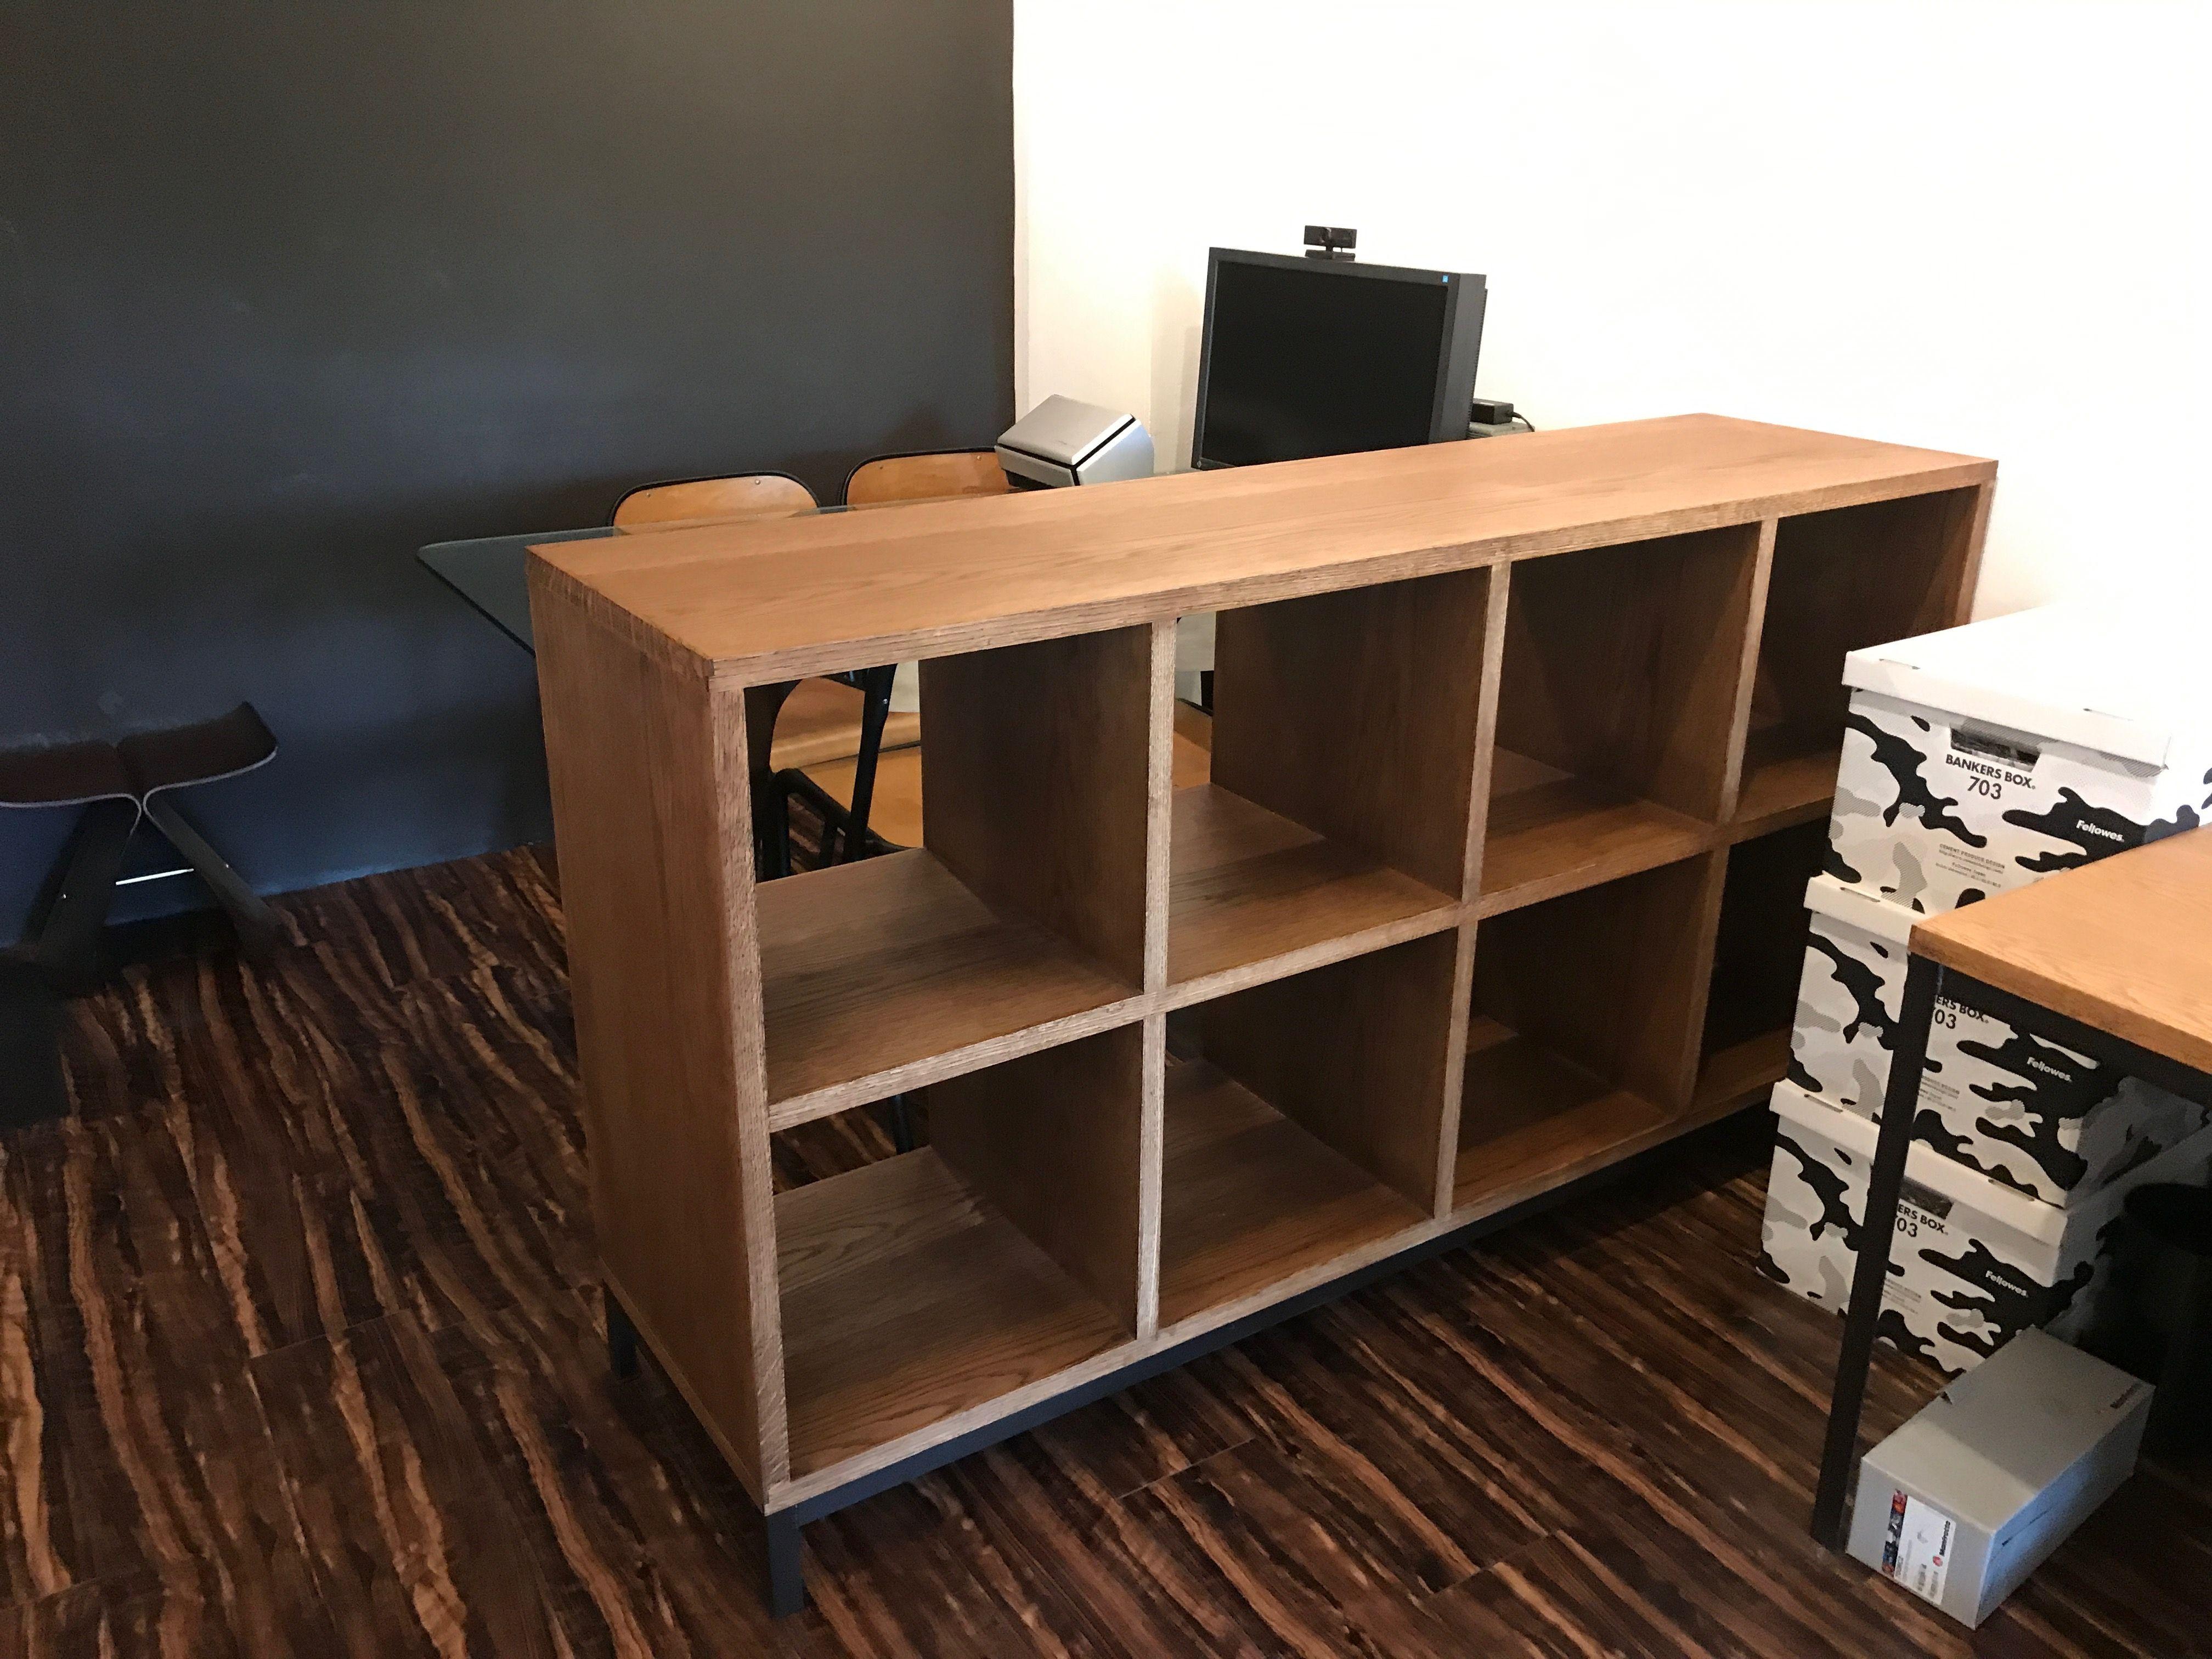 ターンテーブル兼レコード棚